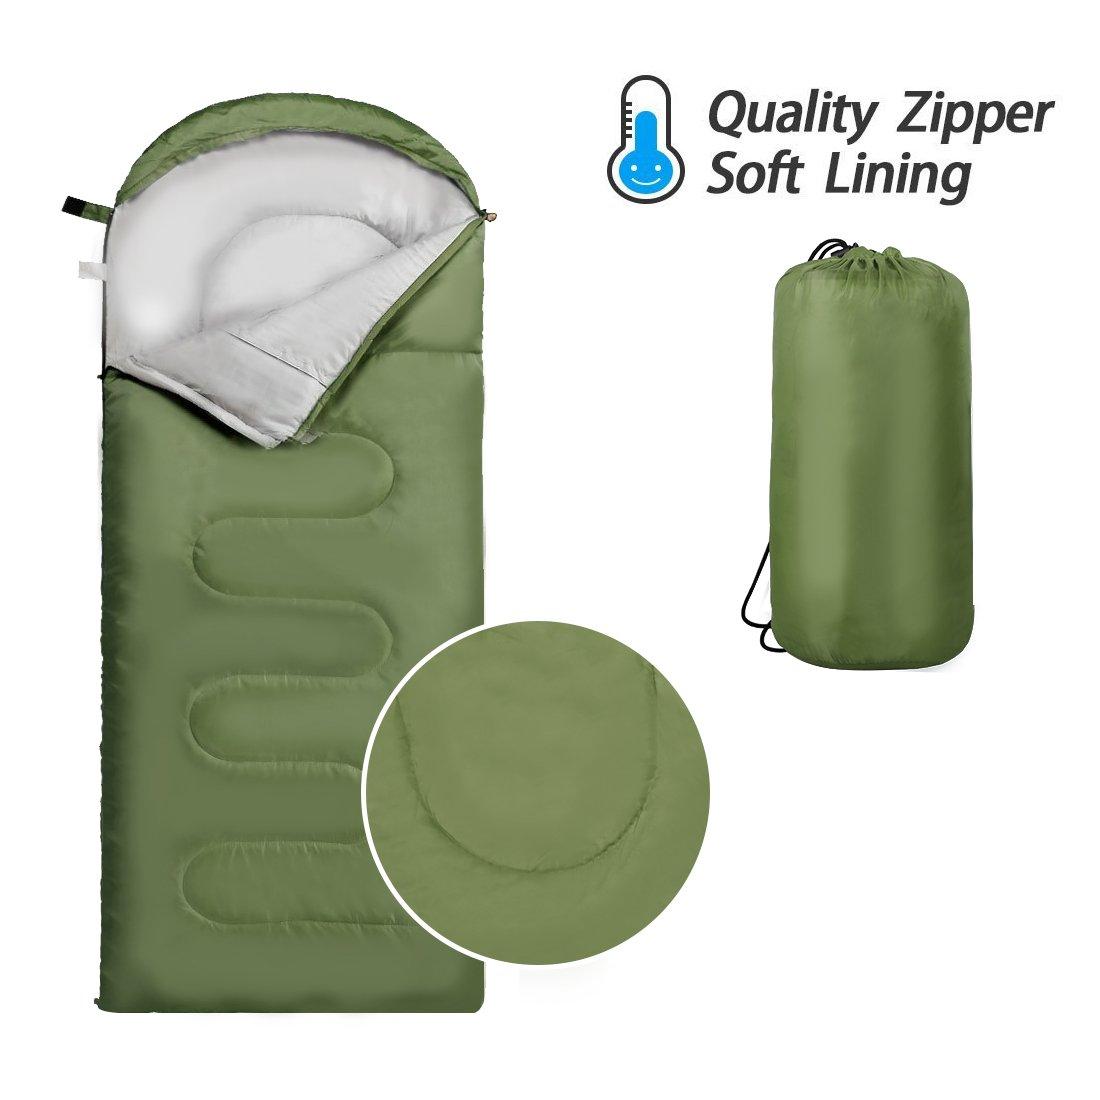 Saco de Dormir Tipo Momia 3 estaciones.180cm x 75 cm, Portable y Impermeable Saco de Dormir para Camping, Viajes, Senderismo y Otras Actividades al Aire Libre CUNXIA